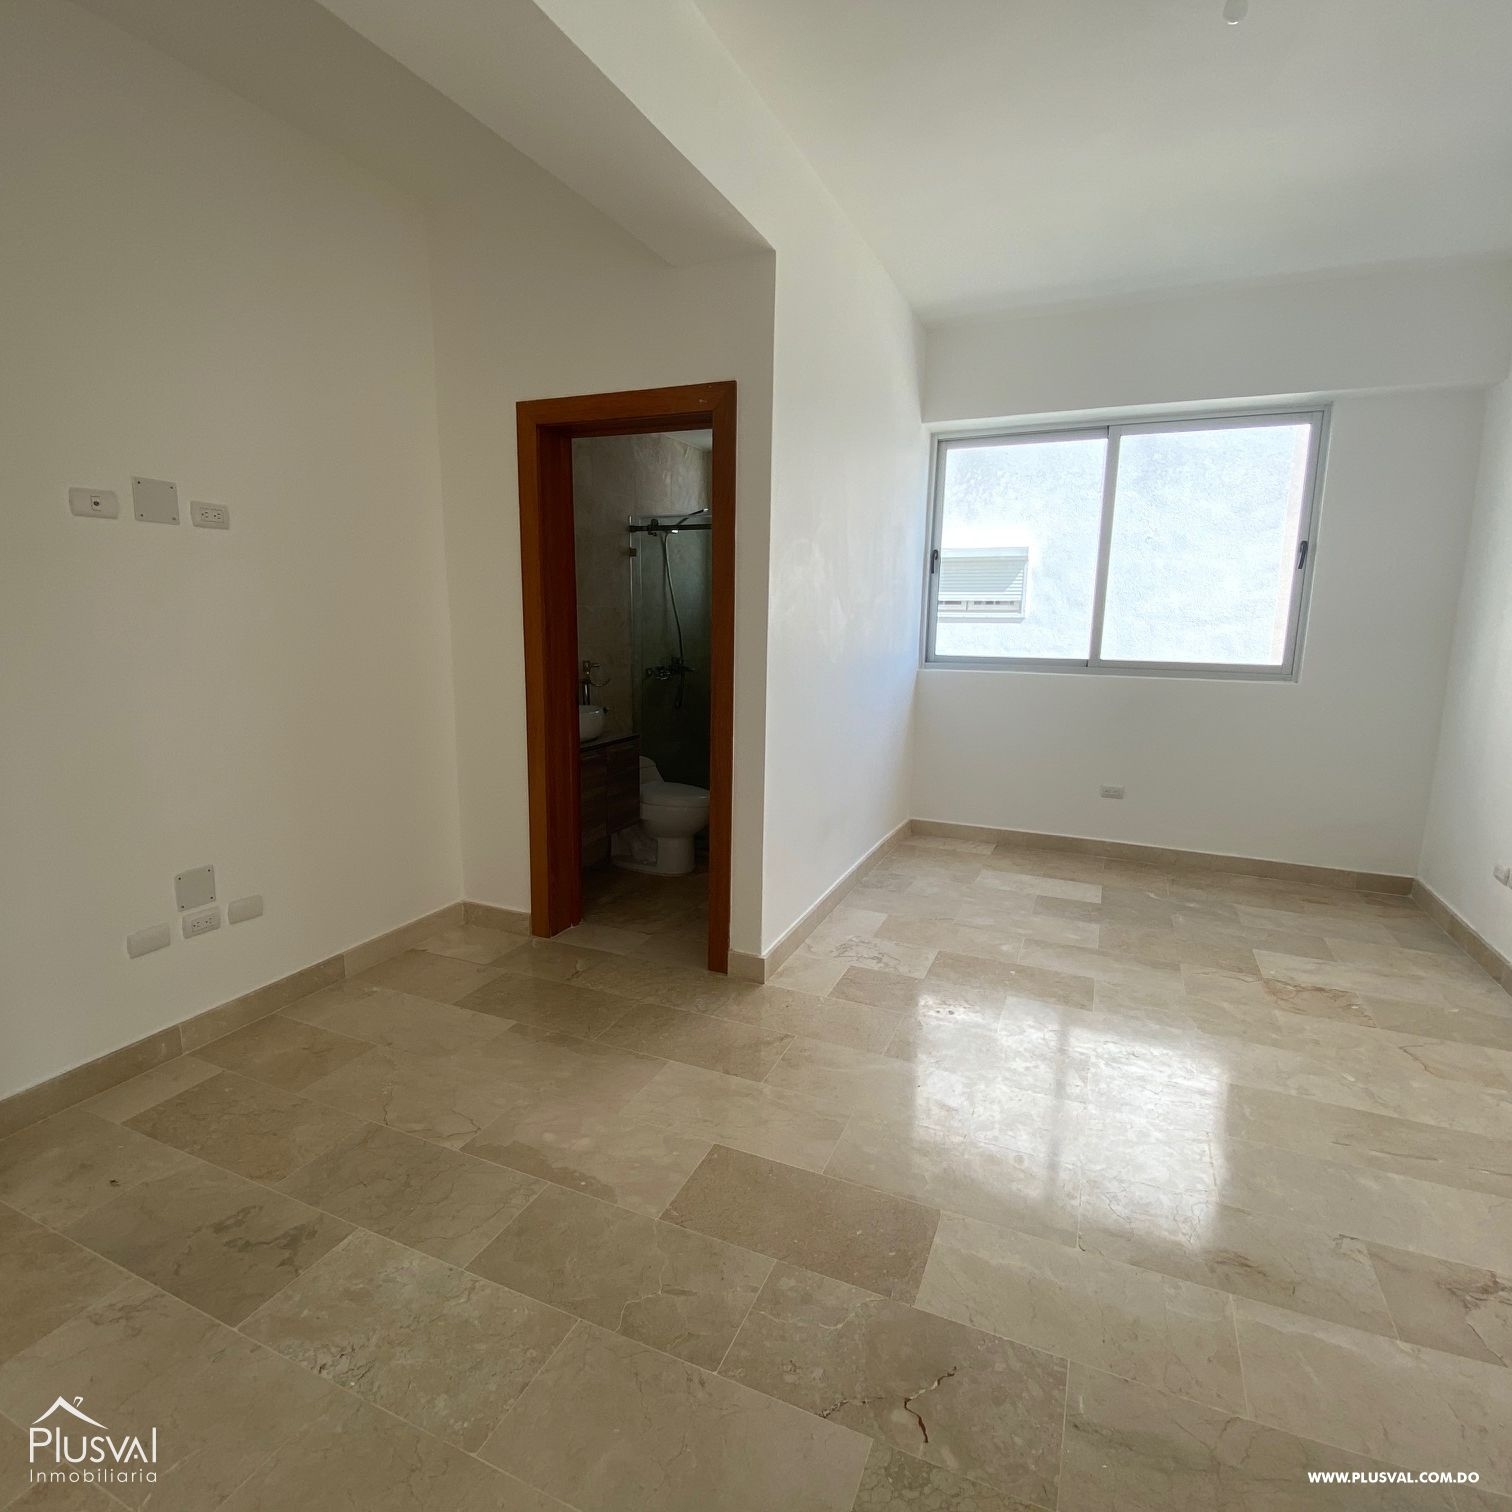 Apartamento en venta, en Puntacana Village 152480